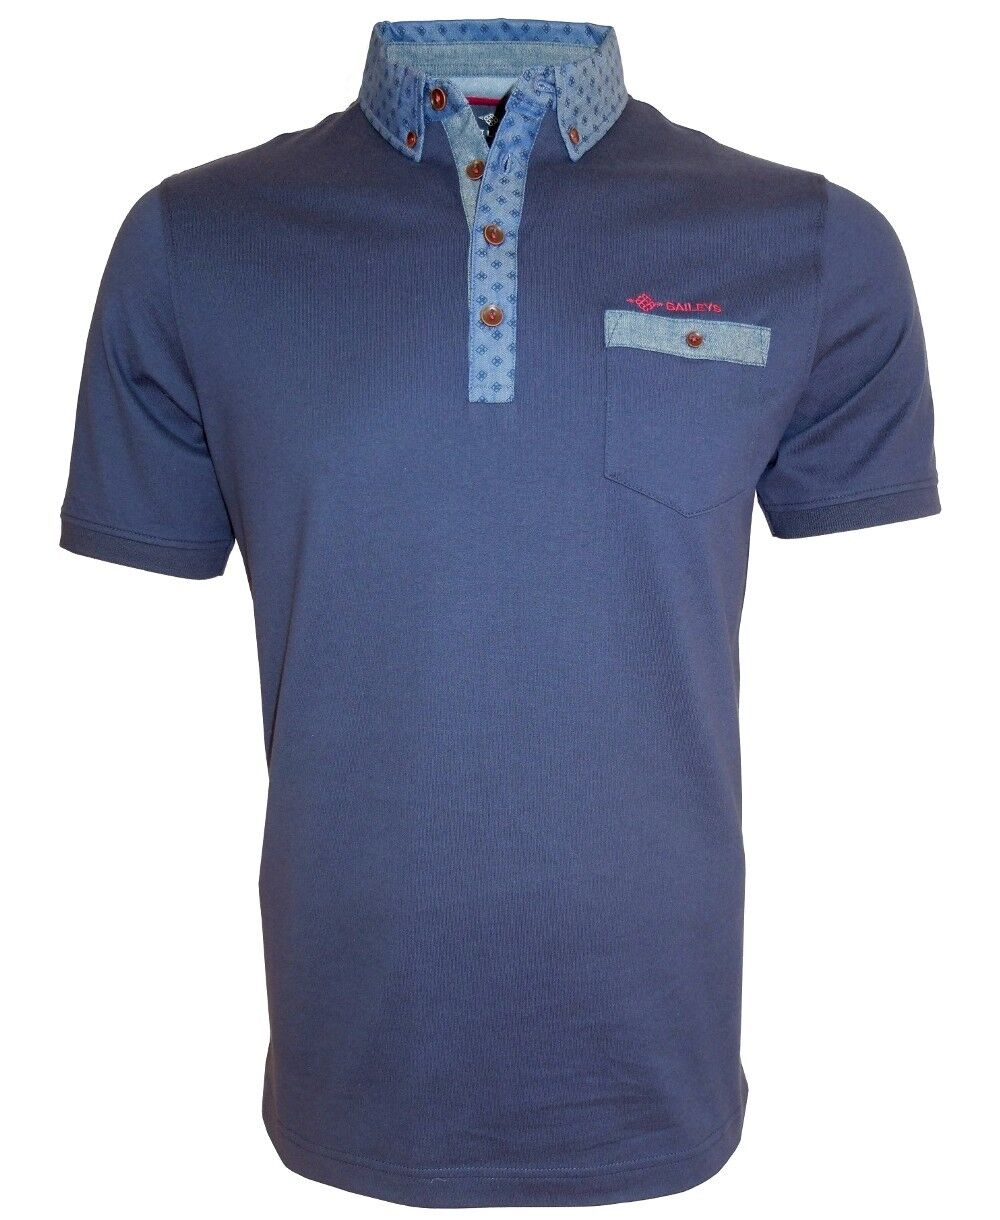 Baileys Poloshirt in dunkelblau mit Button Down Jeanskragen Gr. M bis 4XL  | Moderner Modus